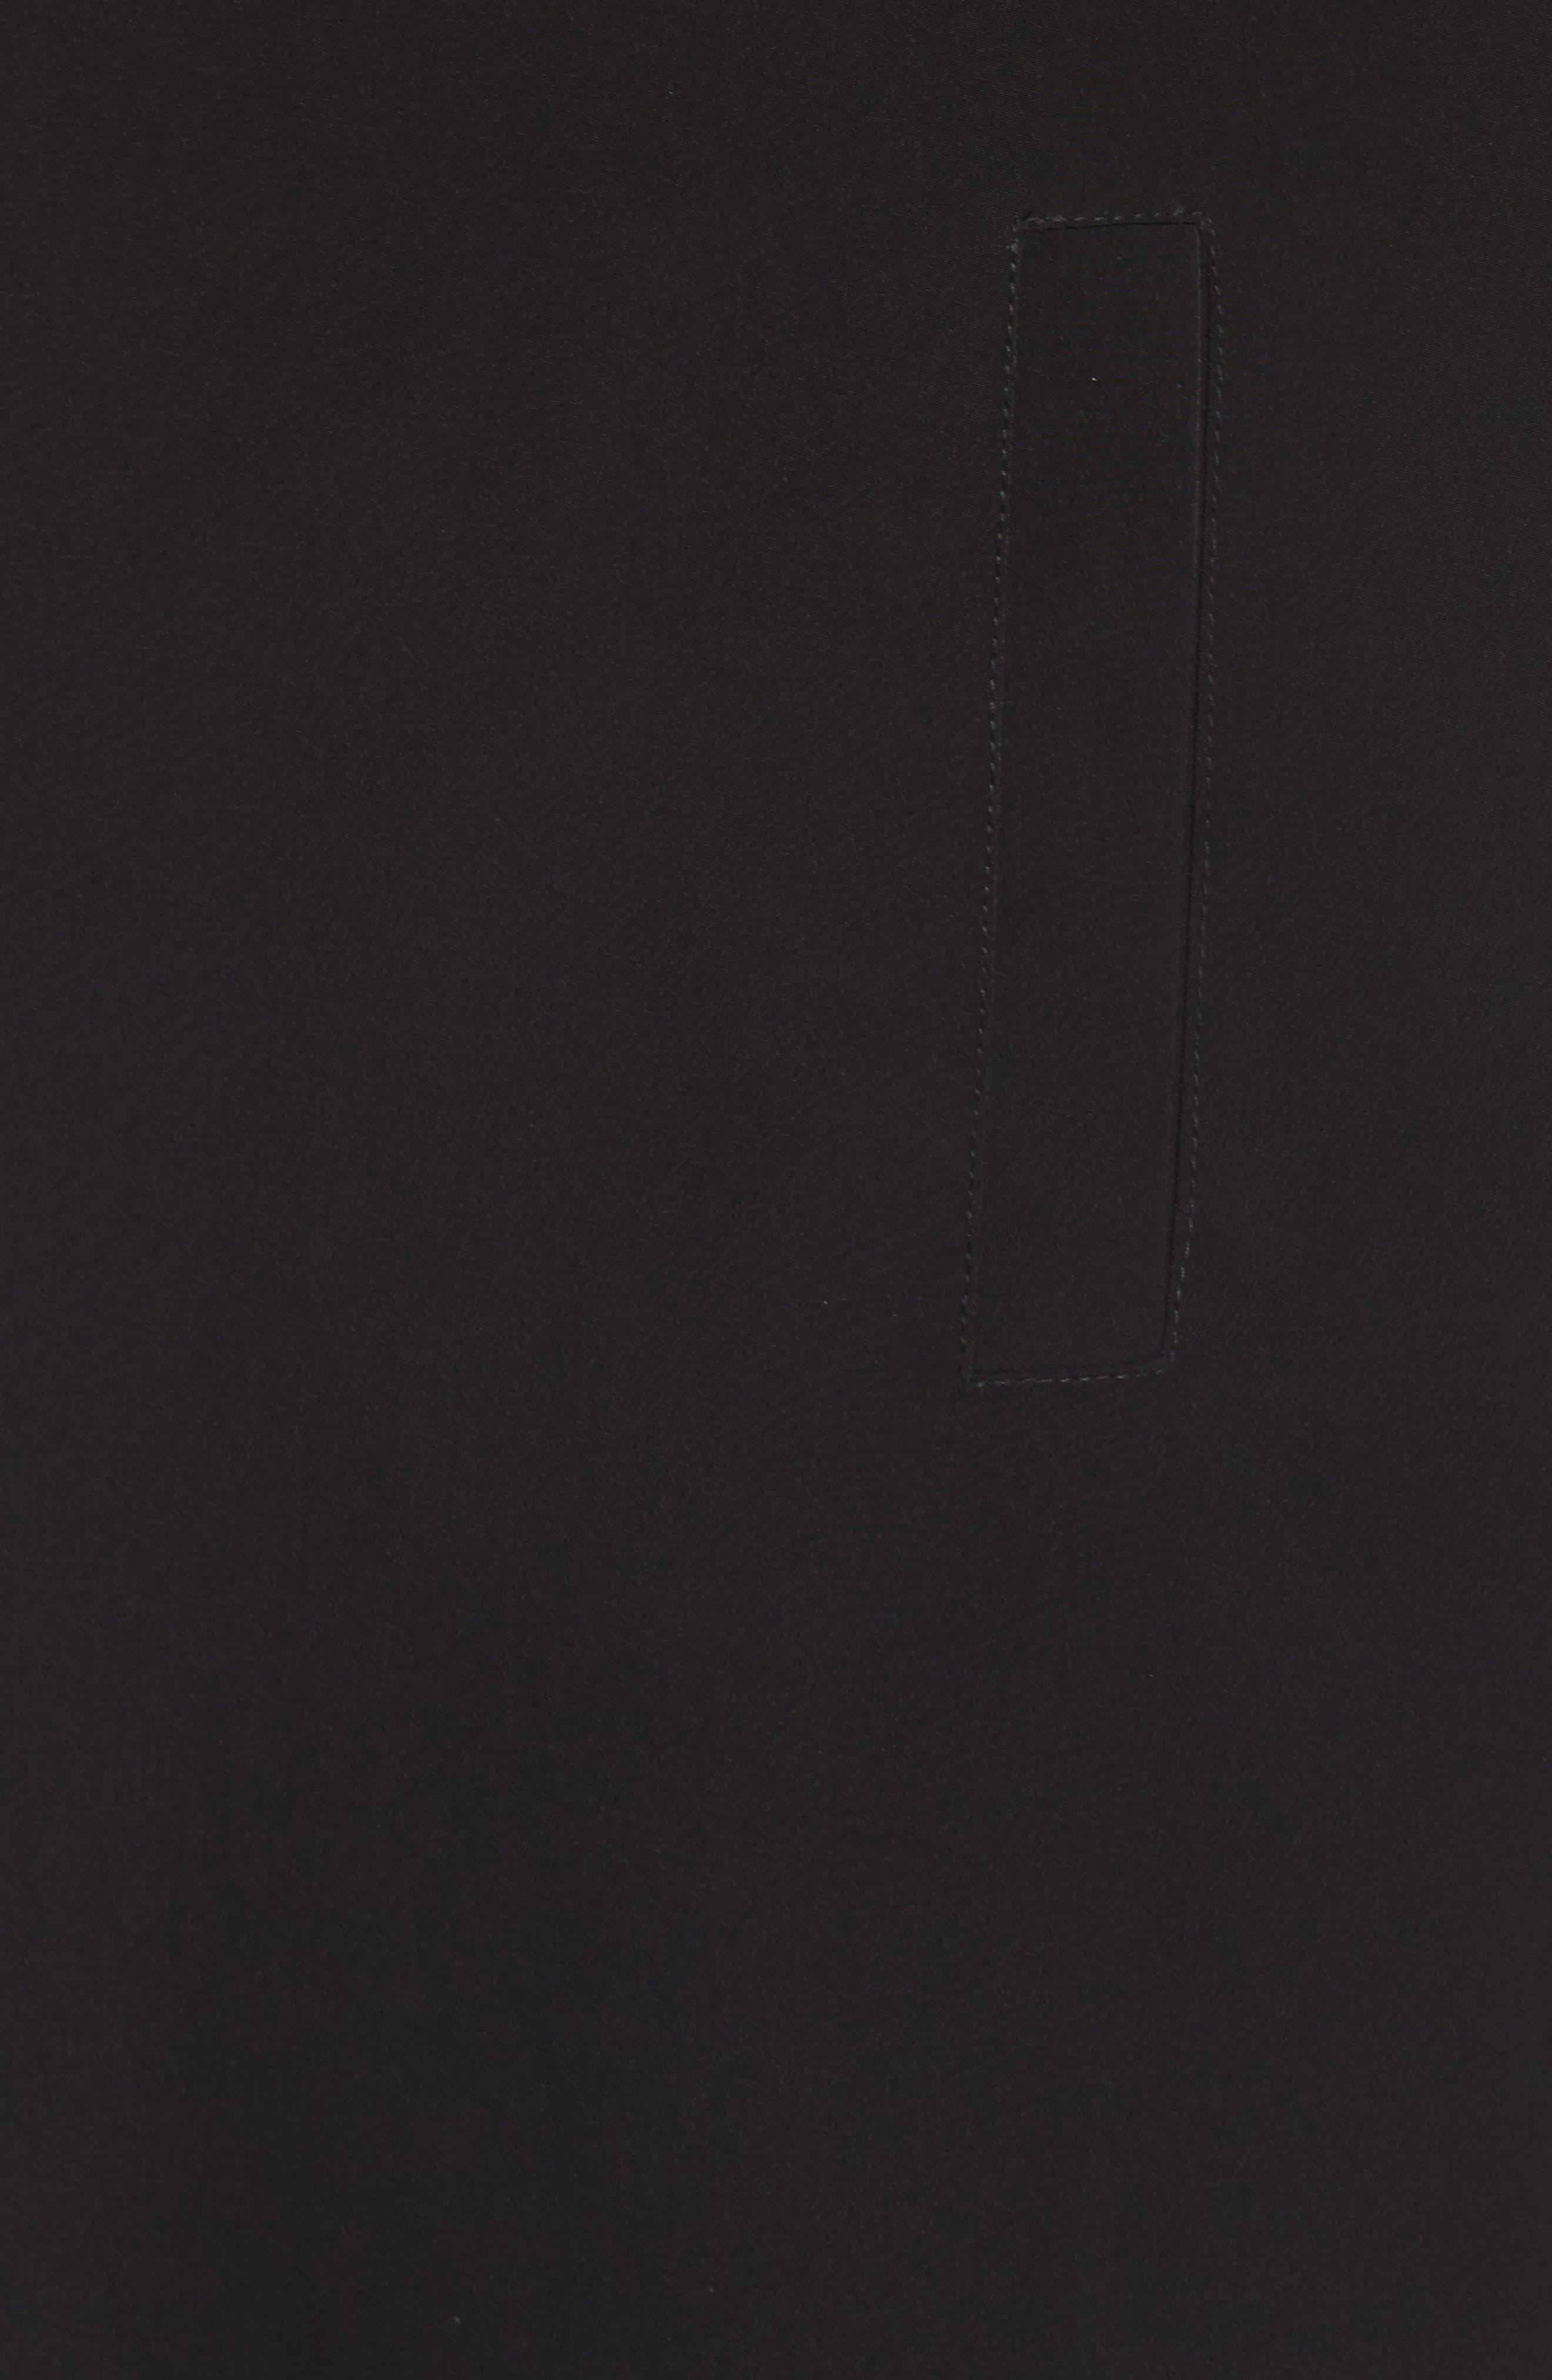 Kaiza Trench Coat,                             Alternate thumbnail 5, color,                             Black Beauty